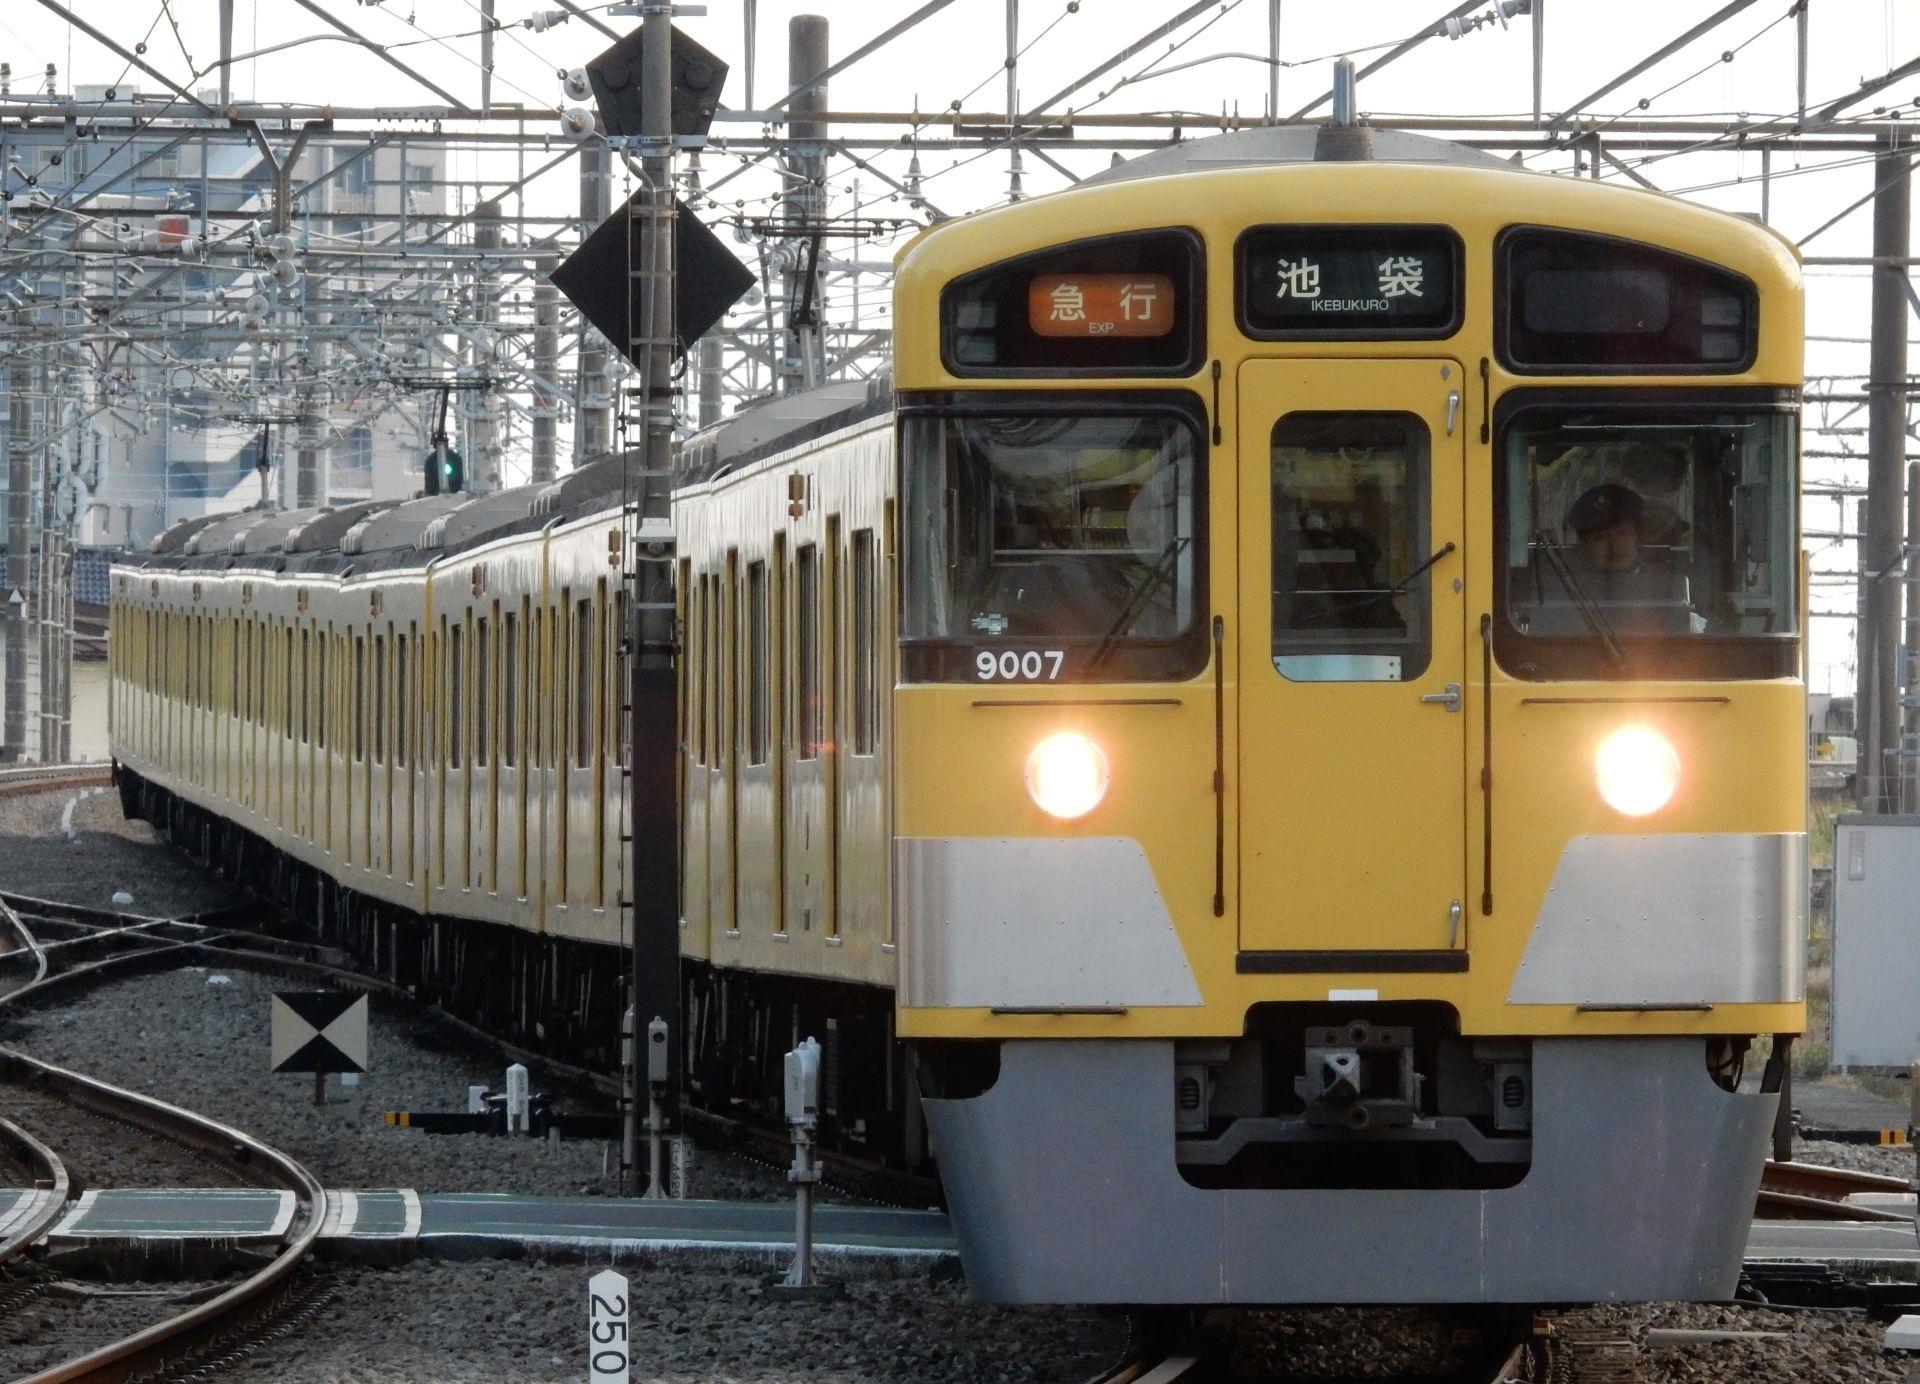 DSCN6106 - コピー